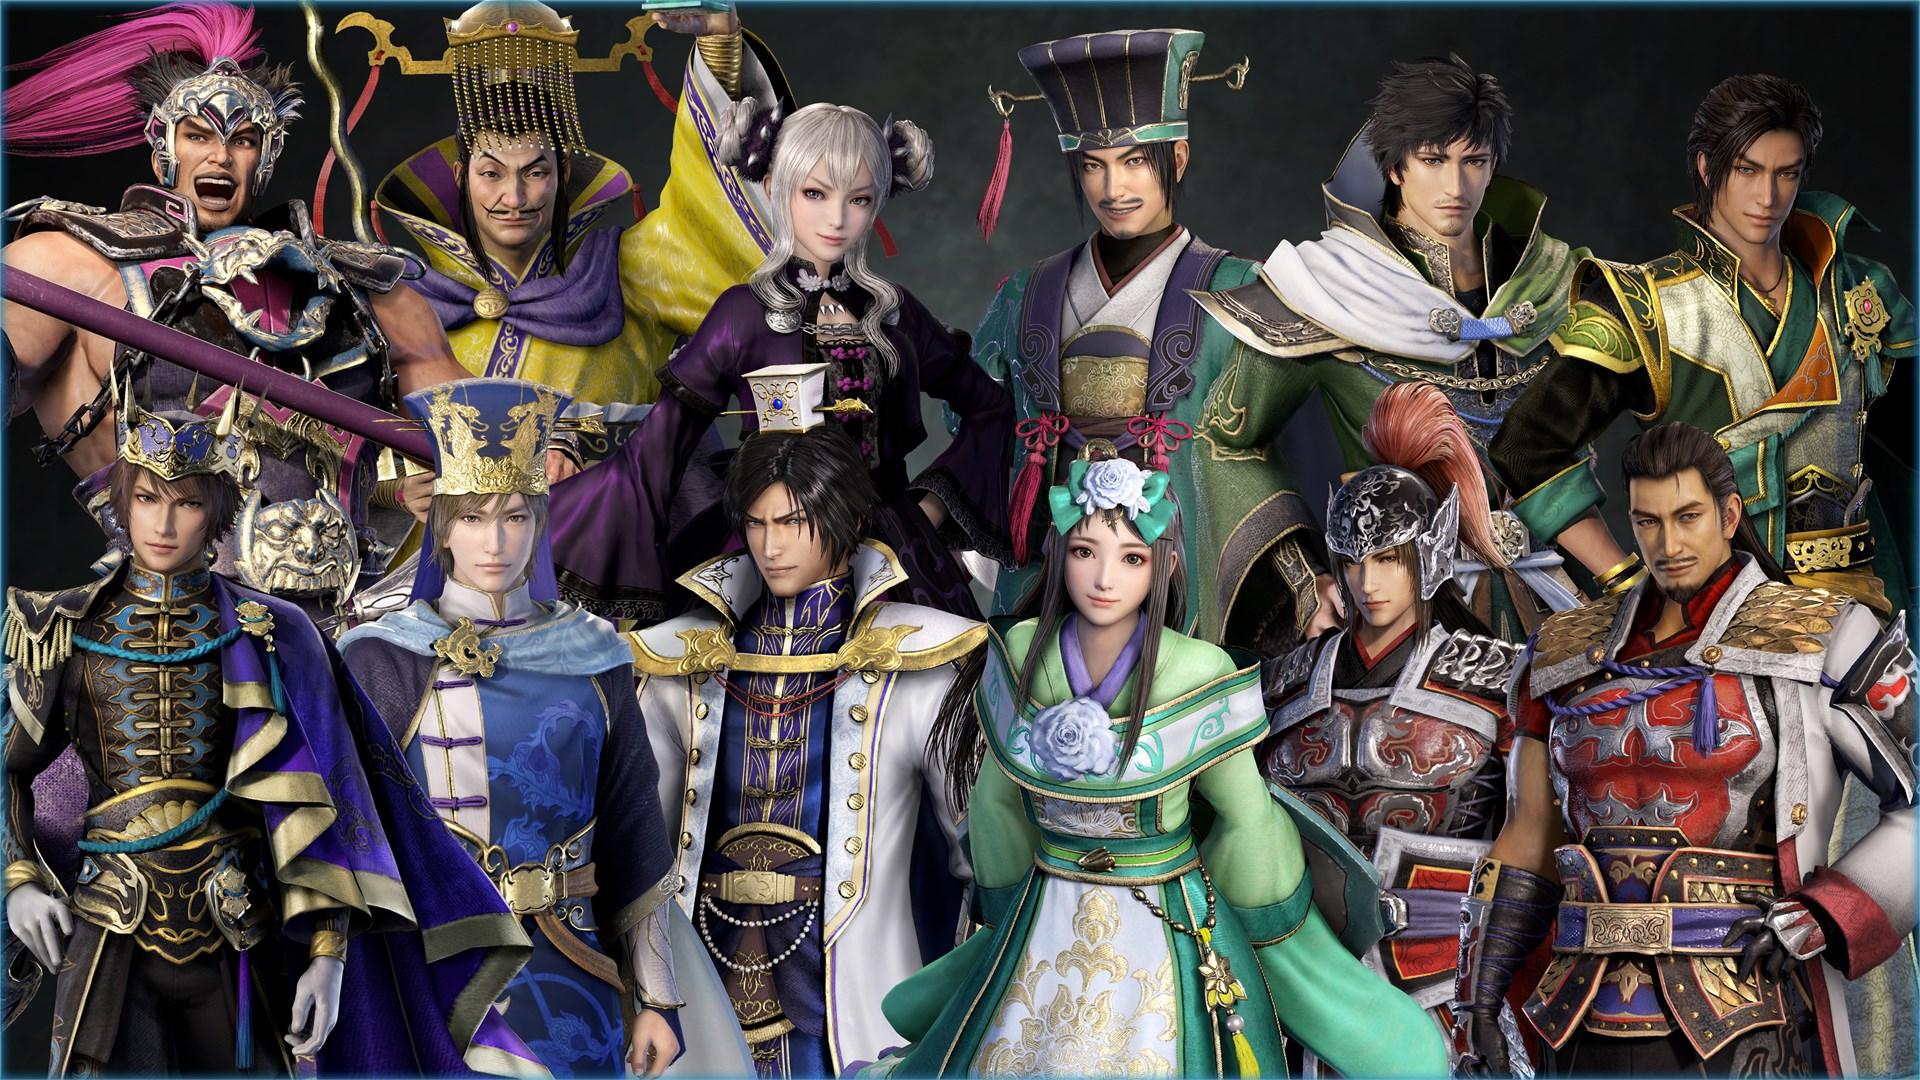 династия фото персонажи создание дизайна малого